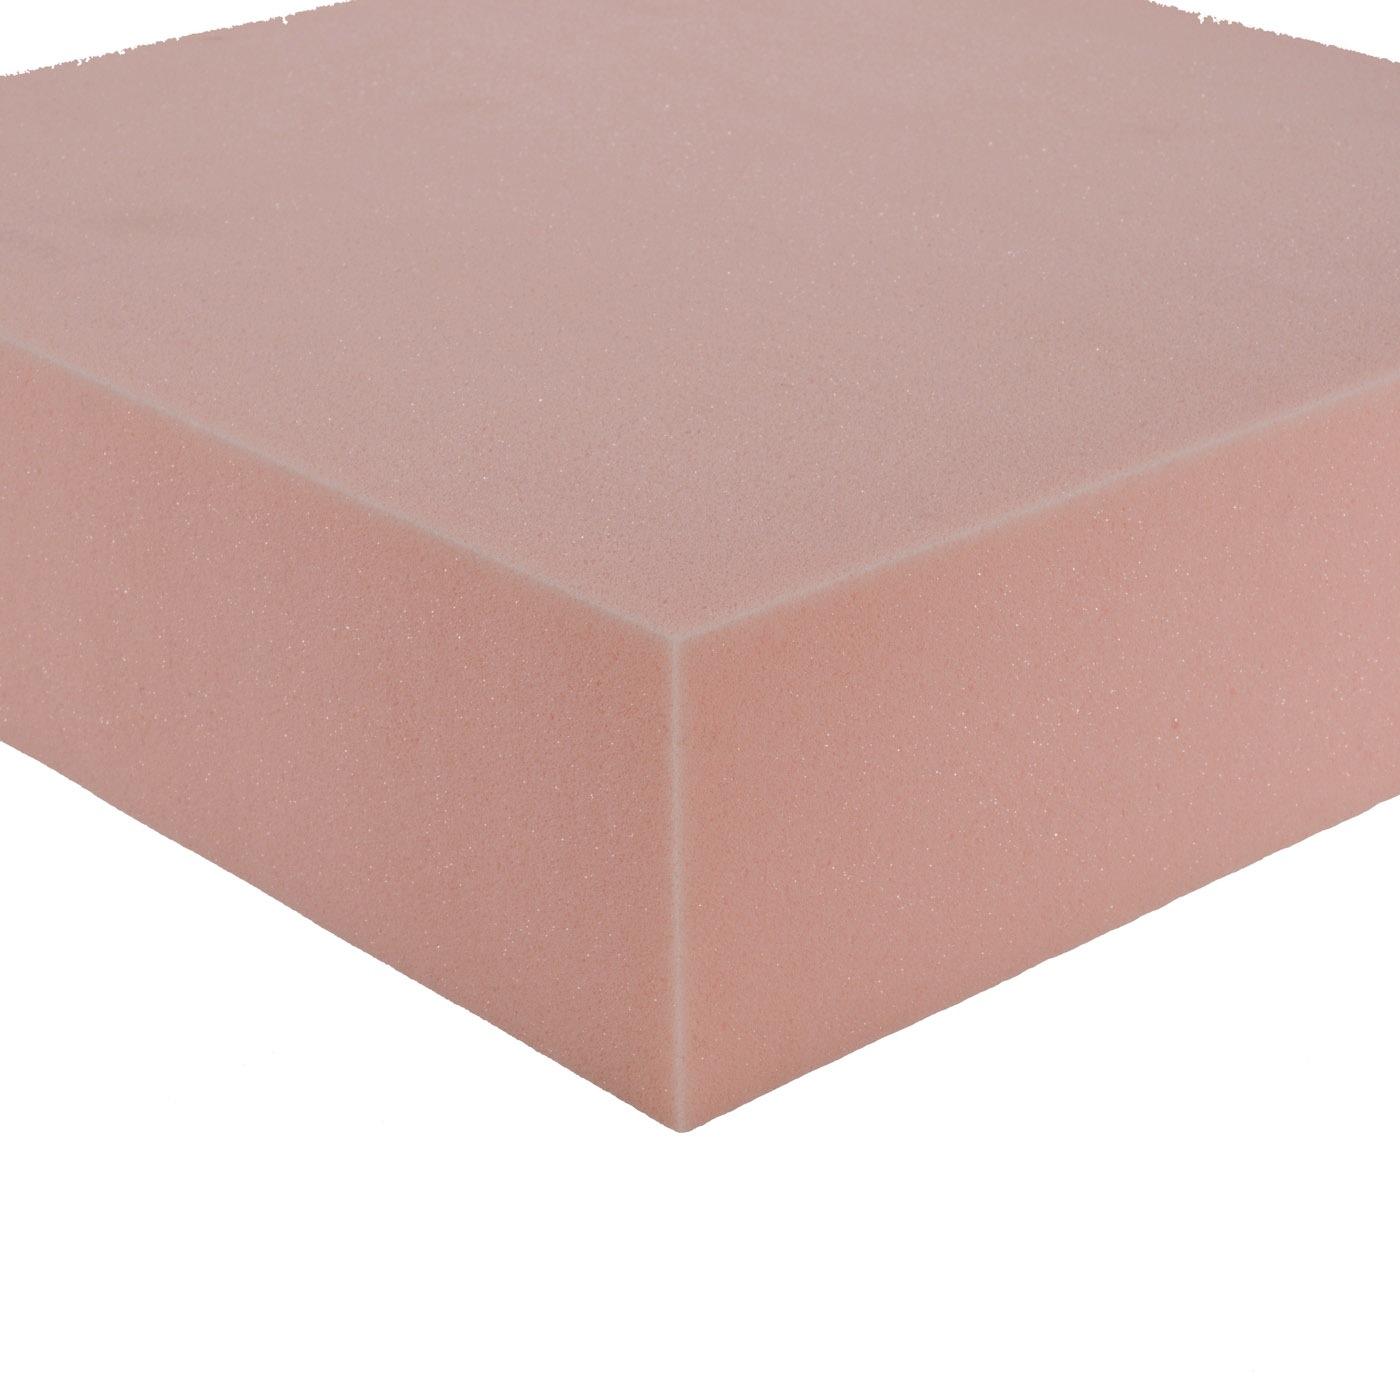 houl s mousse bultex 38kg m3 plaque de 160cm x 200cm 10338 fr fr. Black Bedroom Furniture Sets. Home Design Ideas